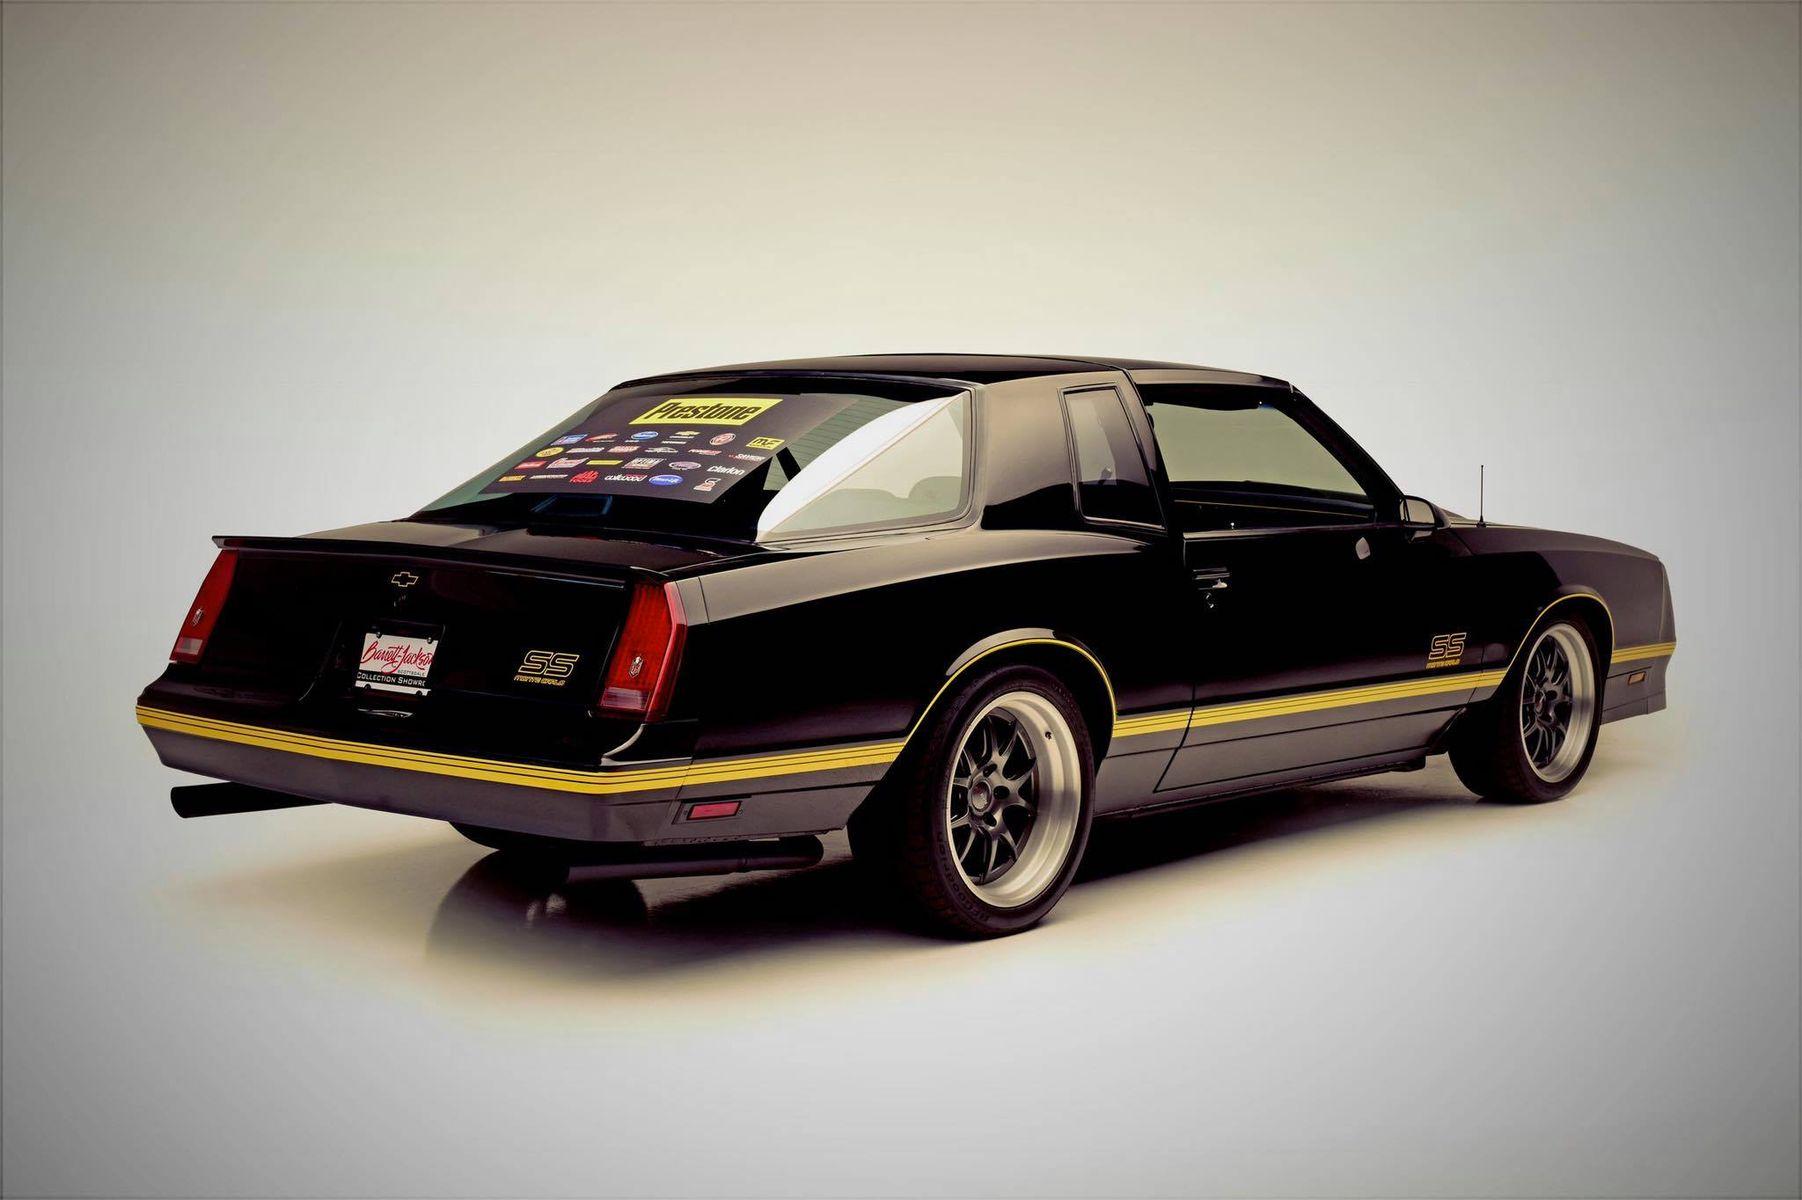 1987 Chevrolet Monte Carlo | SOLD for $100,000: Barrett-Jackson's